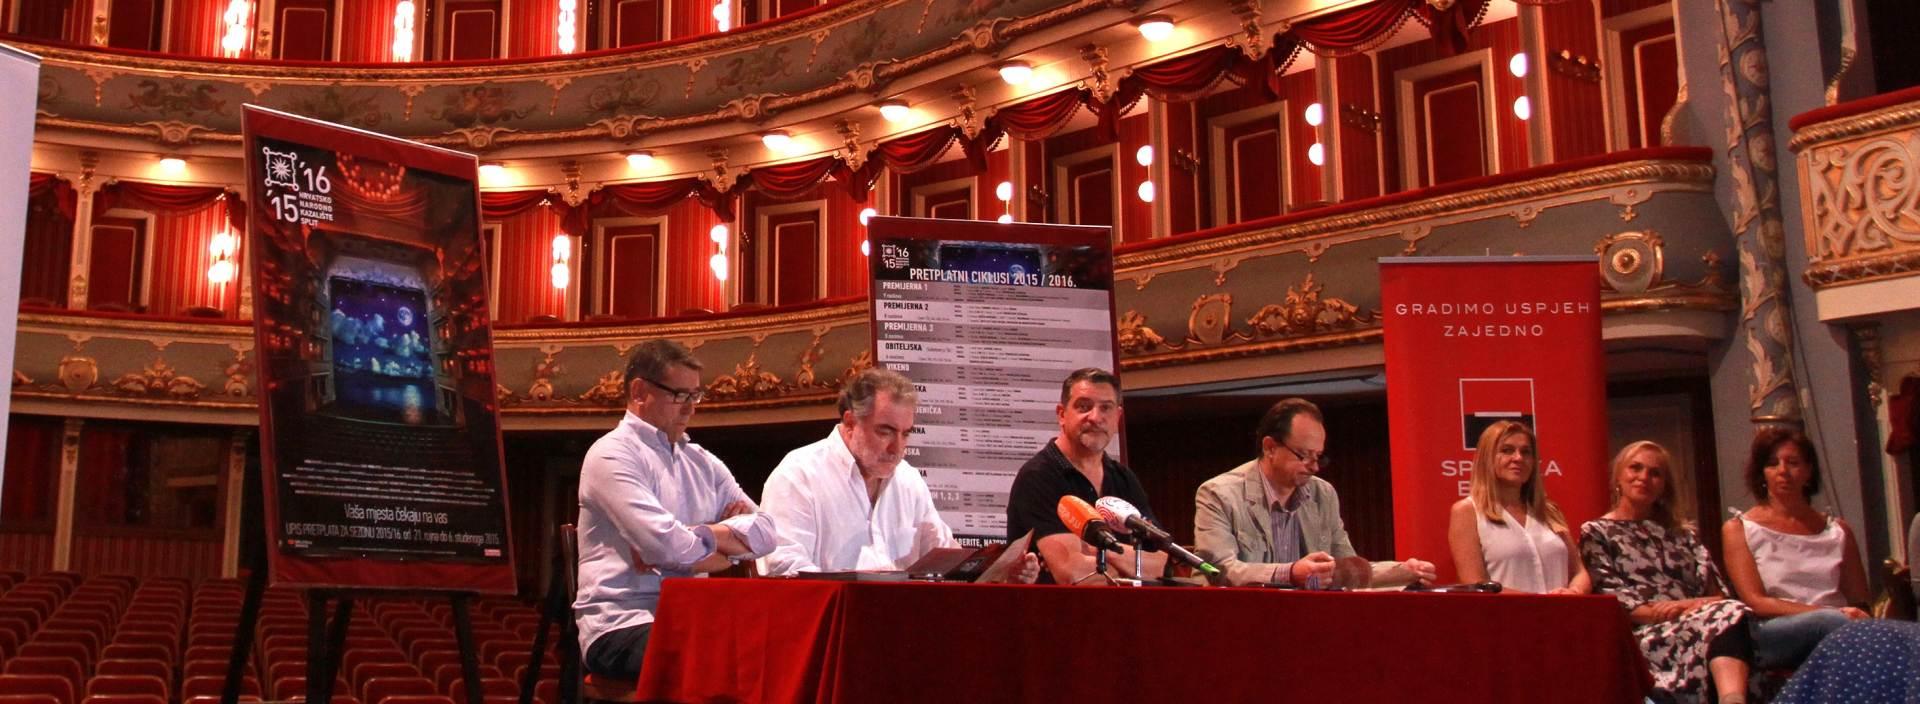 Splitski HNK želi biti otvoren svim građanima i relevantan u međunarodnome kontekstu